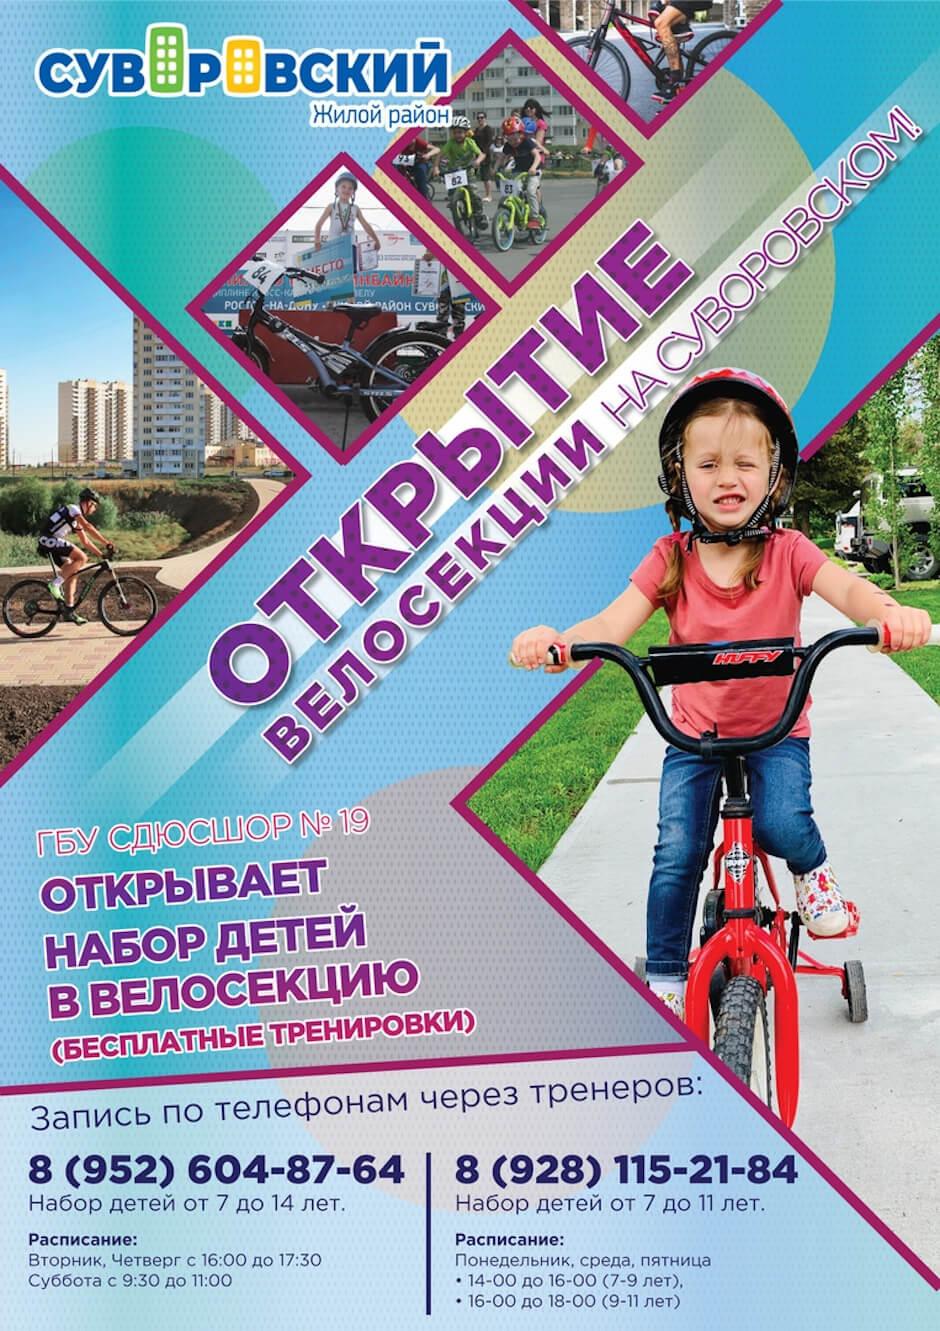 Описание и контакты велошколы в ЖК Суворовский Ростов-на-Дону